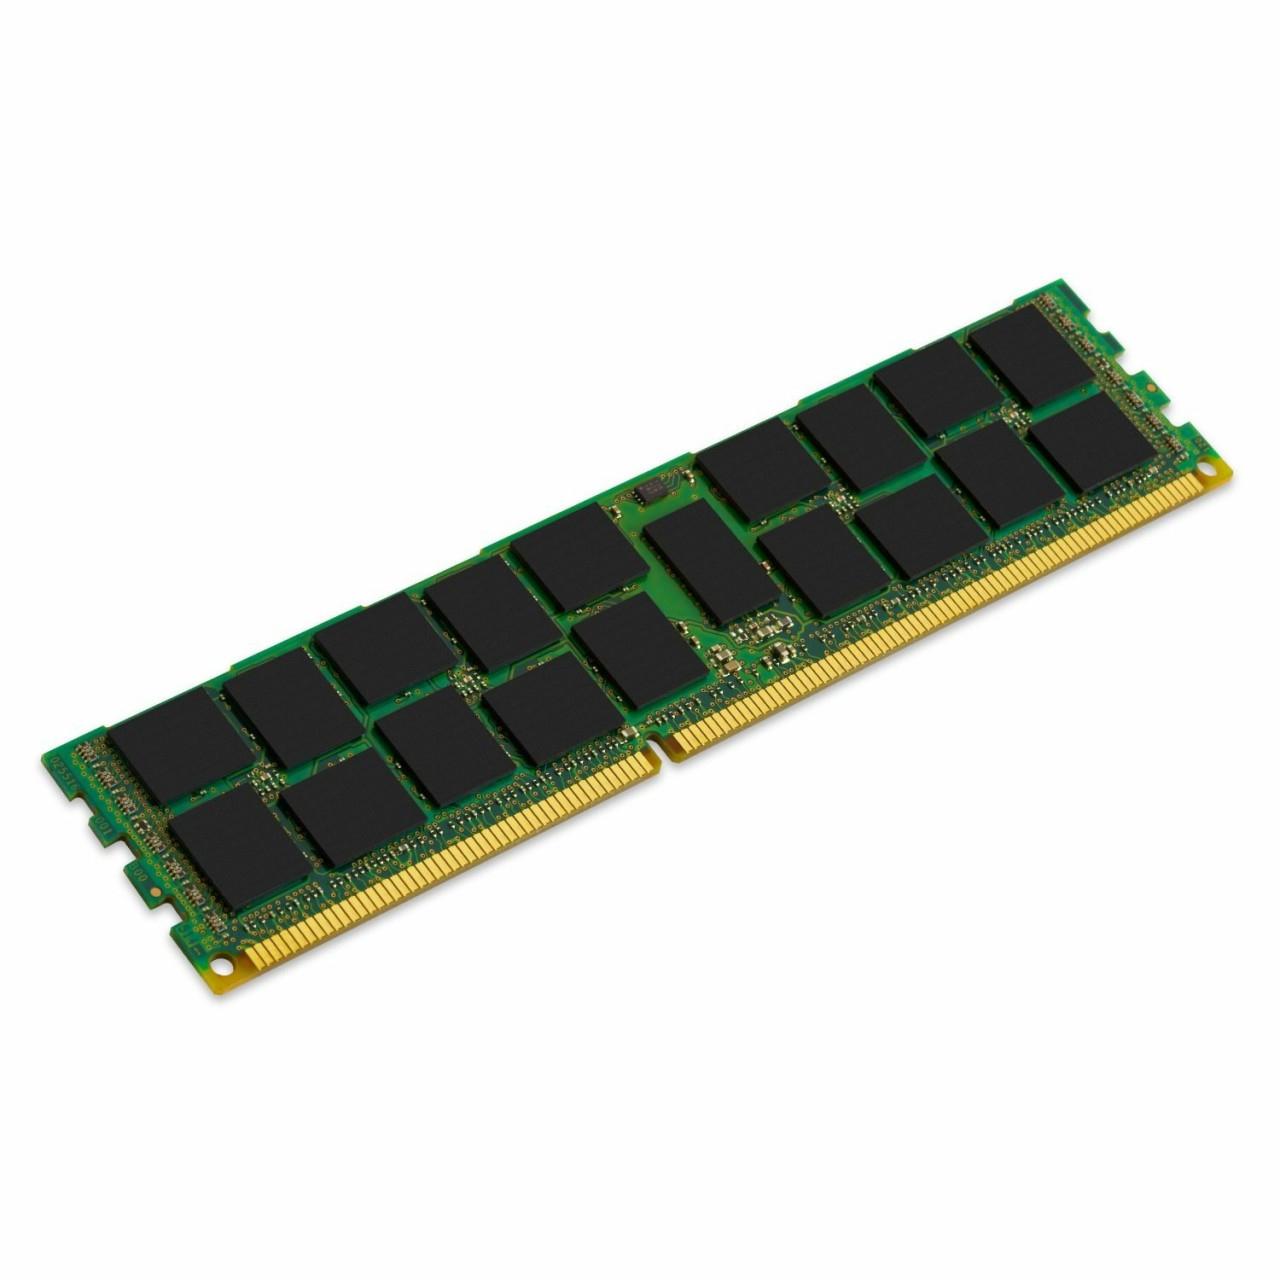 16GB 1600MHz Reg ECC Low Voltage Module (kth-pl316lv/16g)